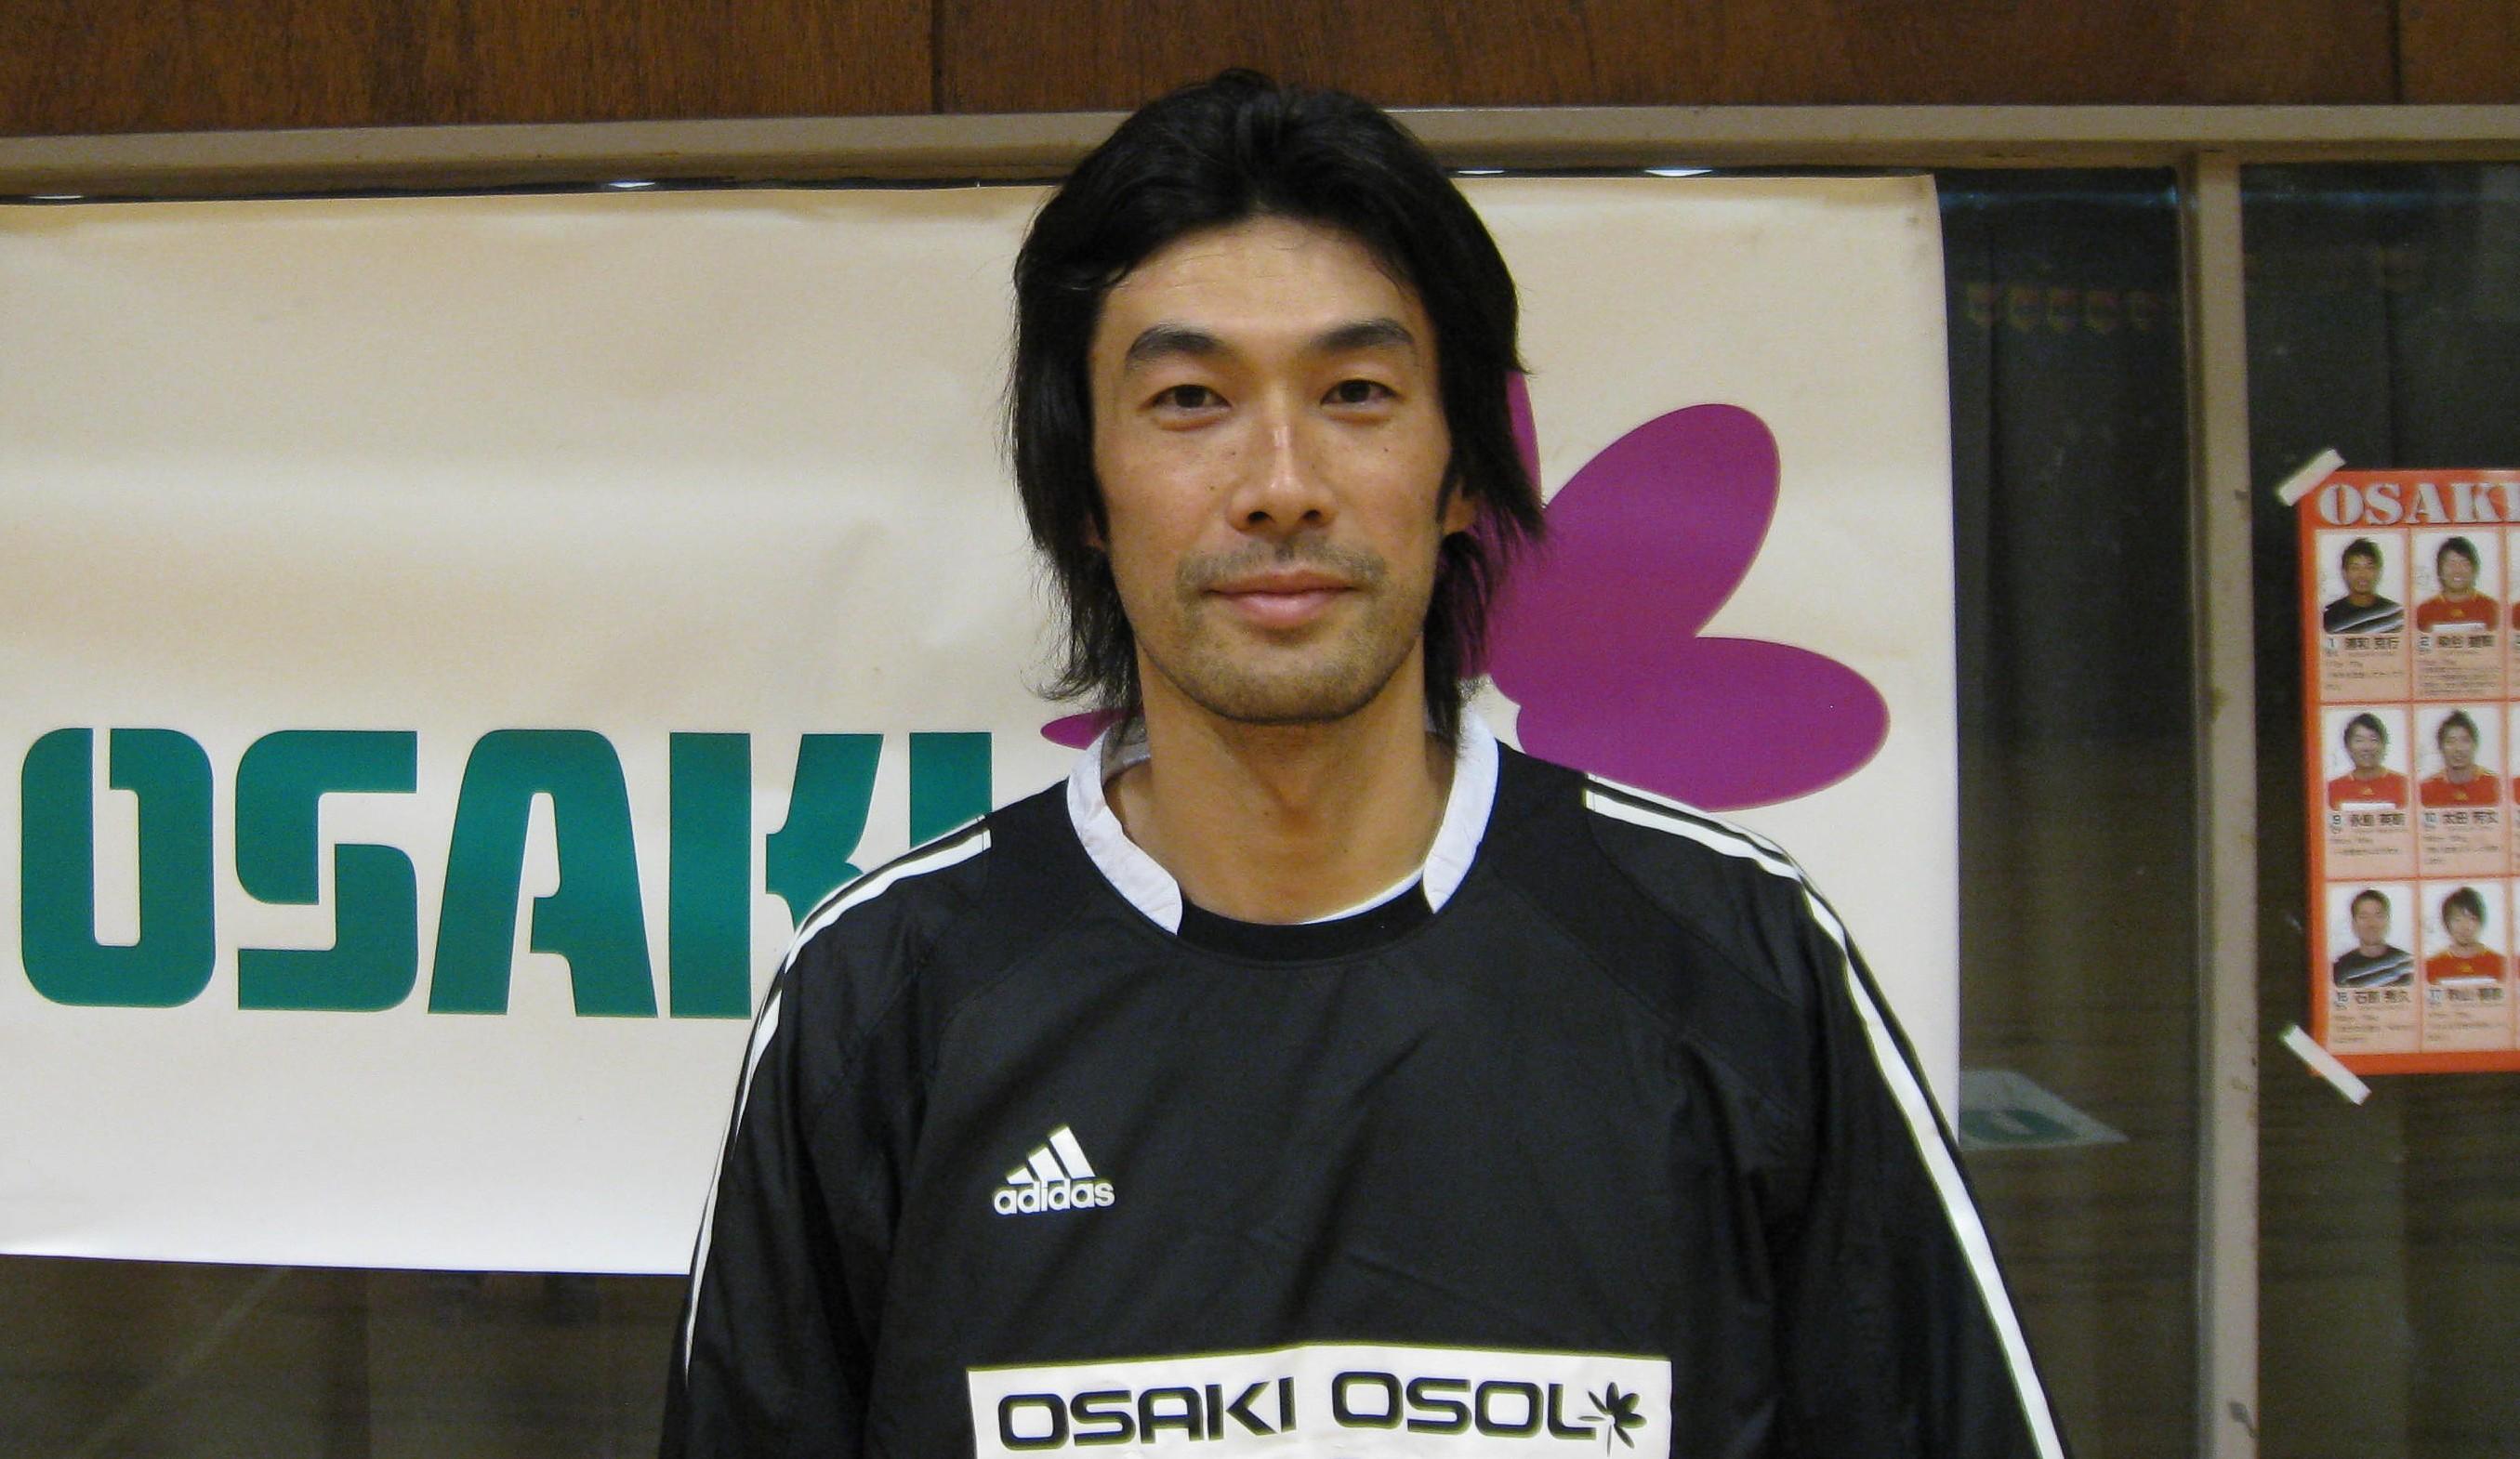 【ハンドボール】強くて正確なシュートを打つコツ presented by岩本真典